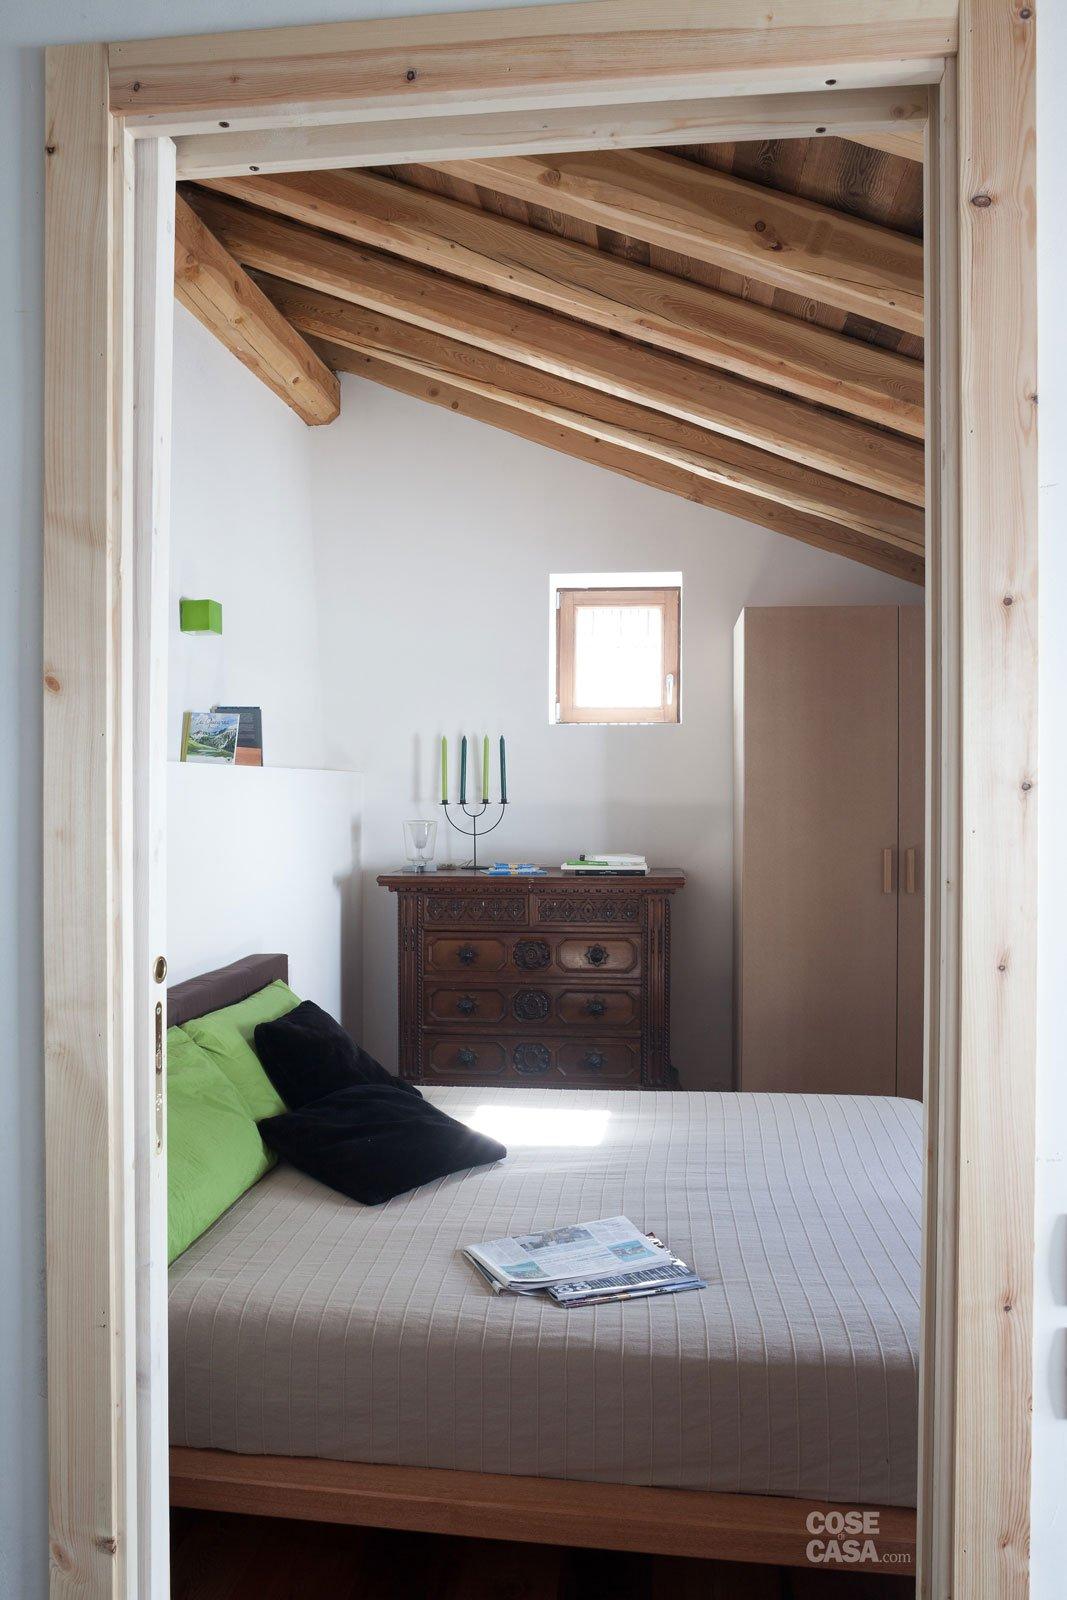 30 30 mq restauro di una tipica casa di montagna cose for Cercatore di progetti di casa